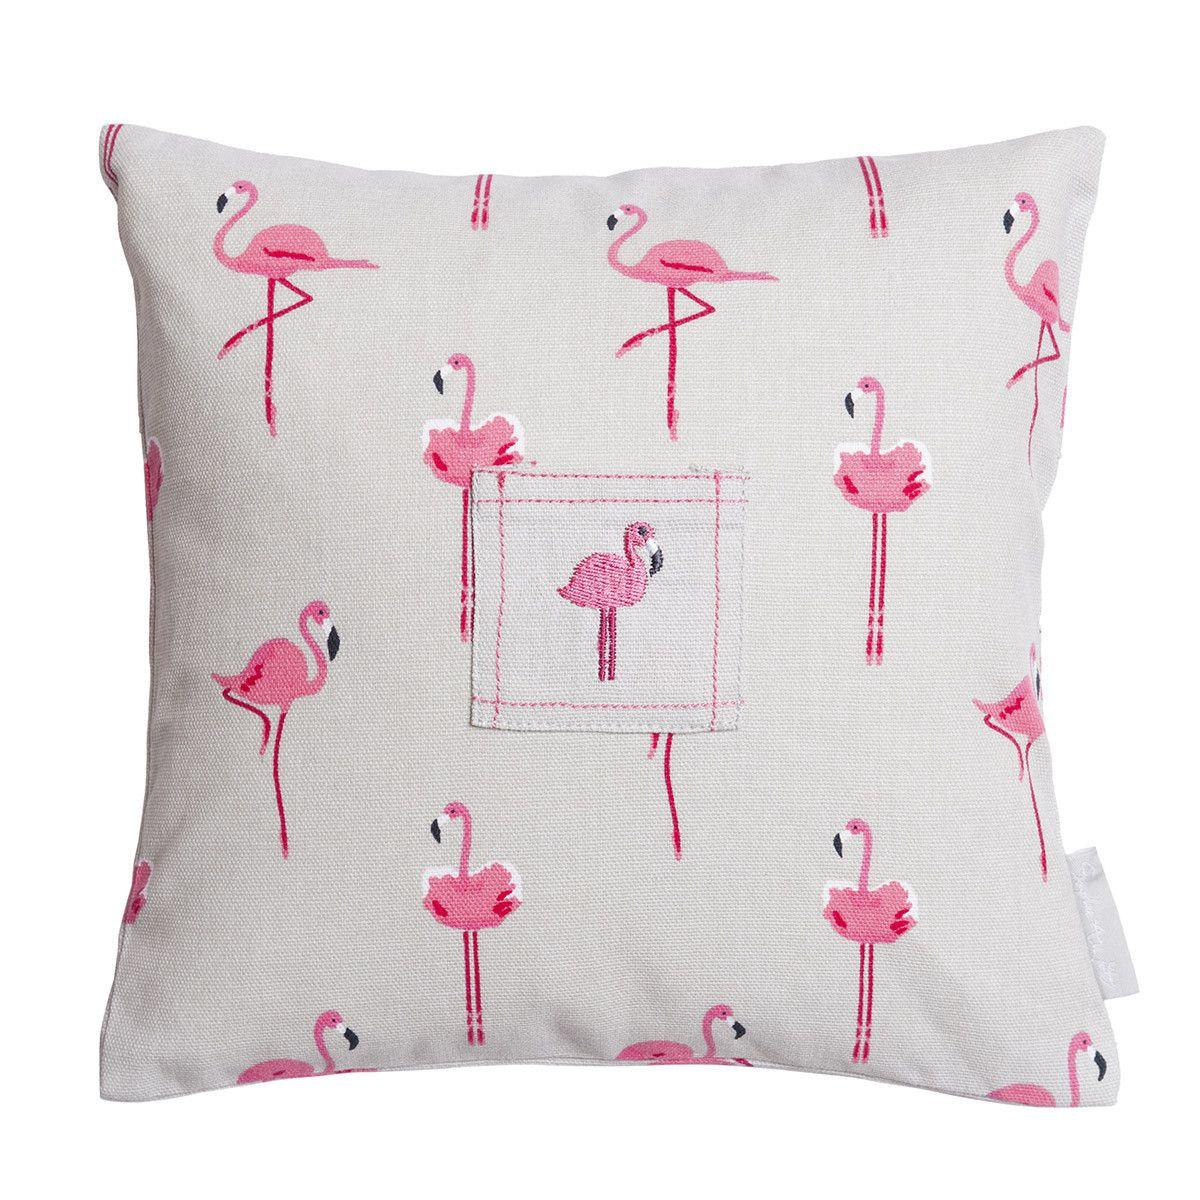 Sophie Allport Hob Cover Round Flamingos Design